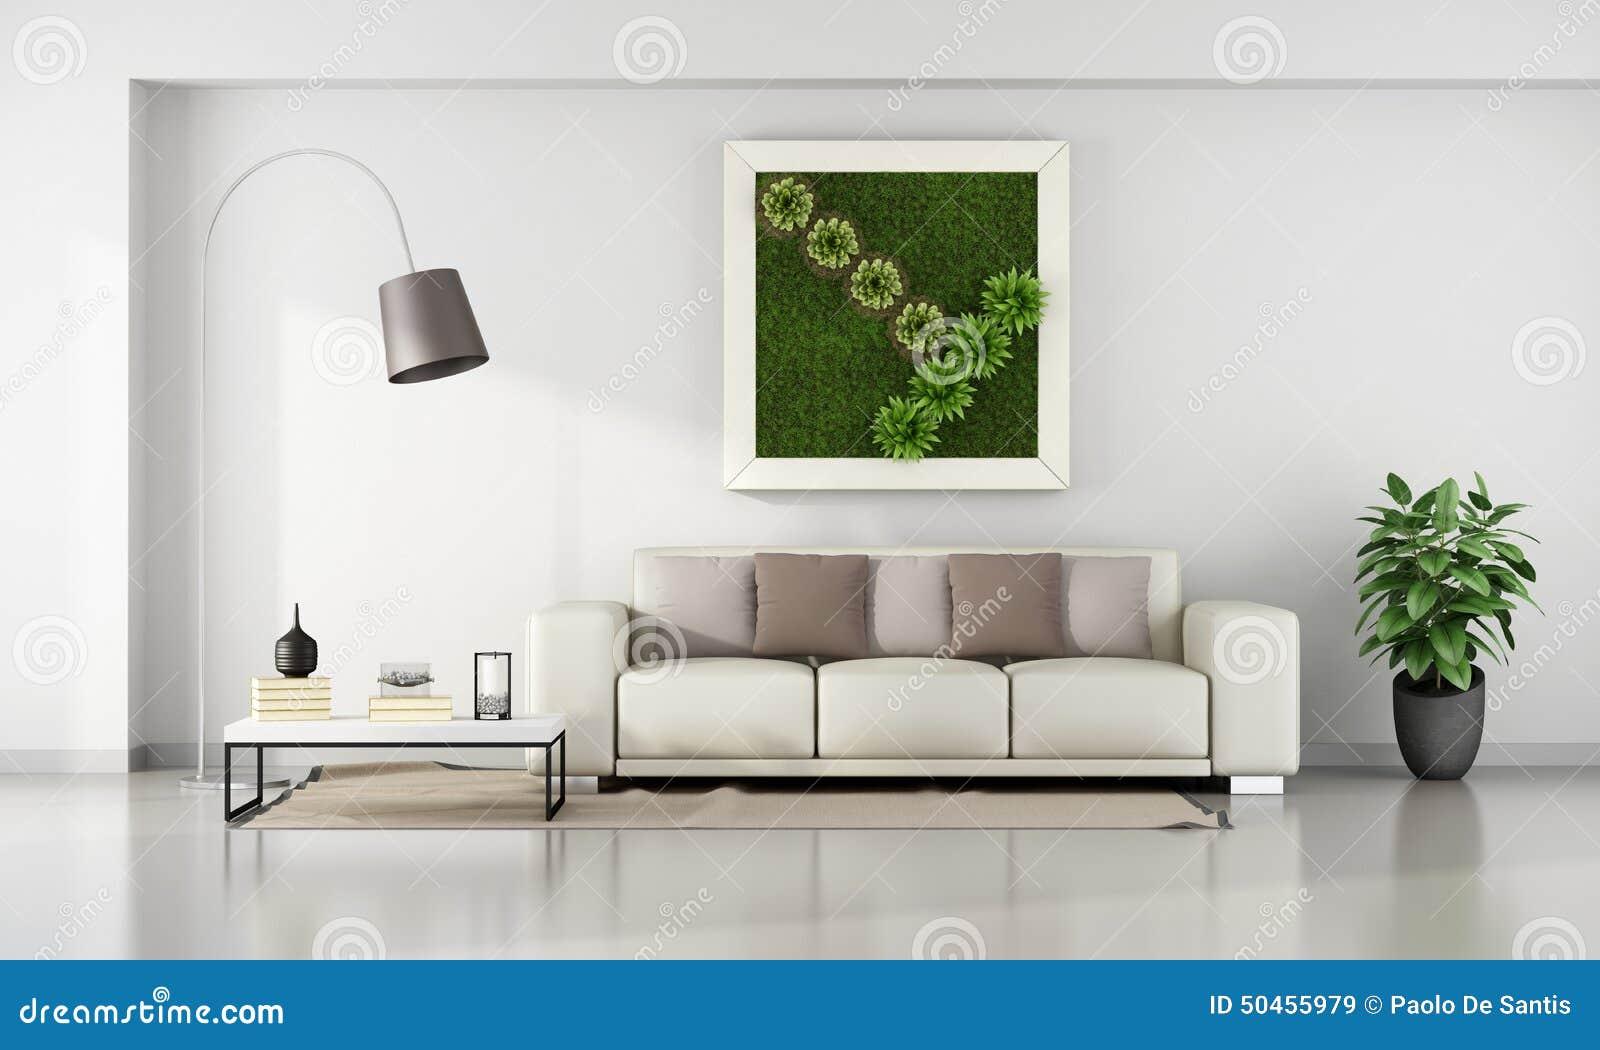 living room with vertical garden in frame stock illustration image 50455979. Black Bedroom Furniture Sets. Home Design Ideas